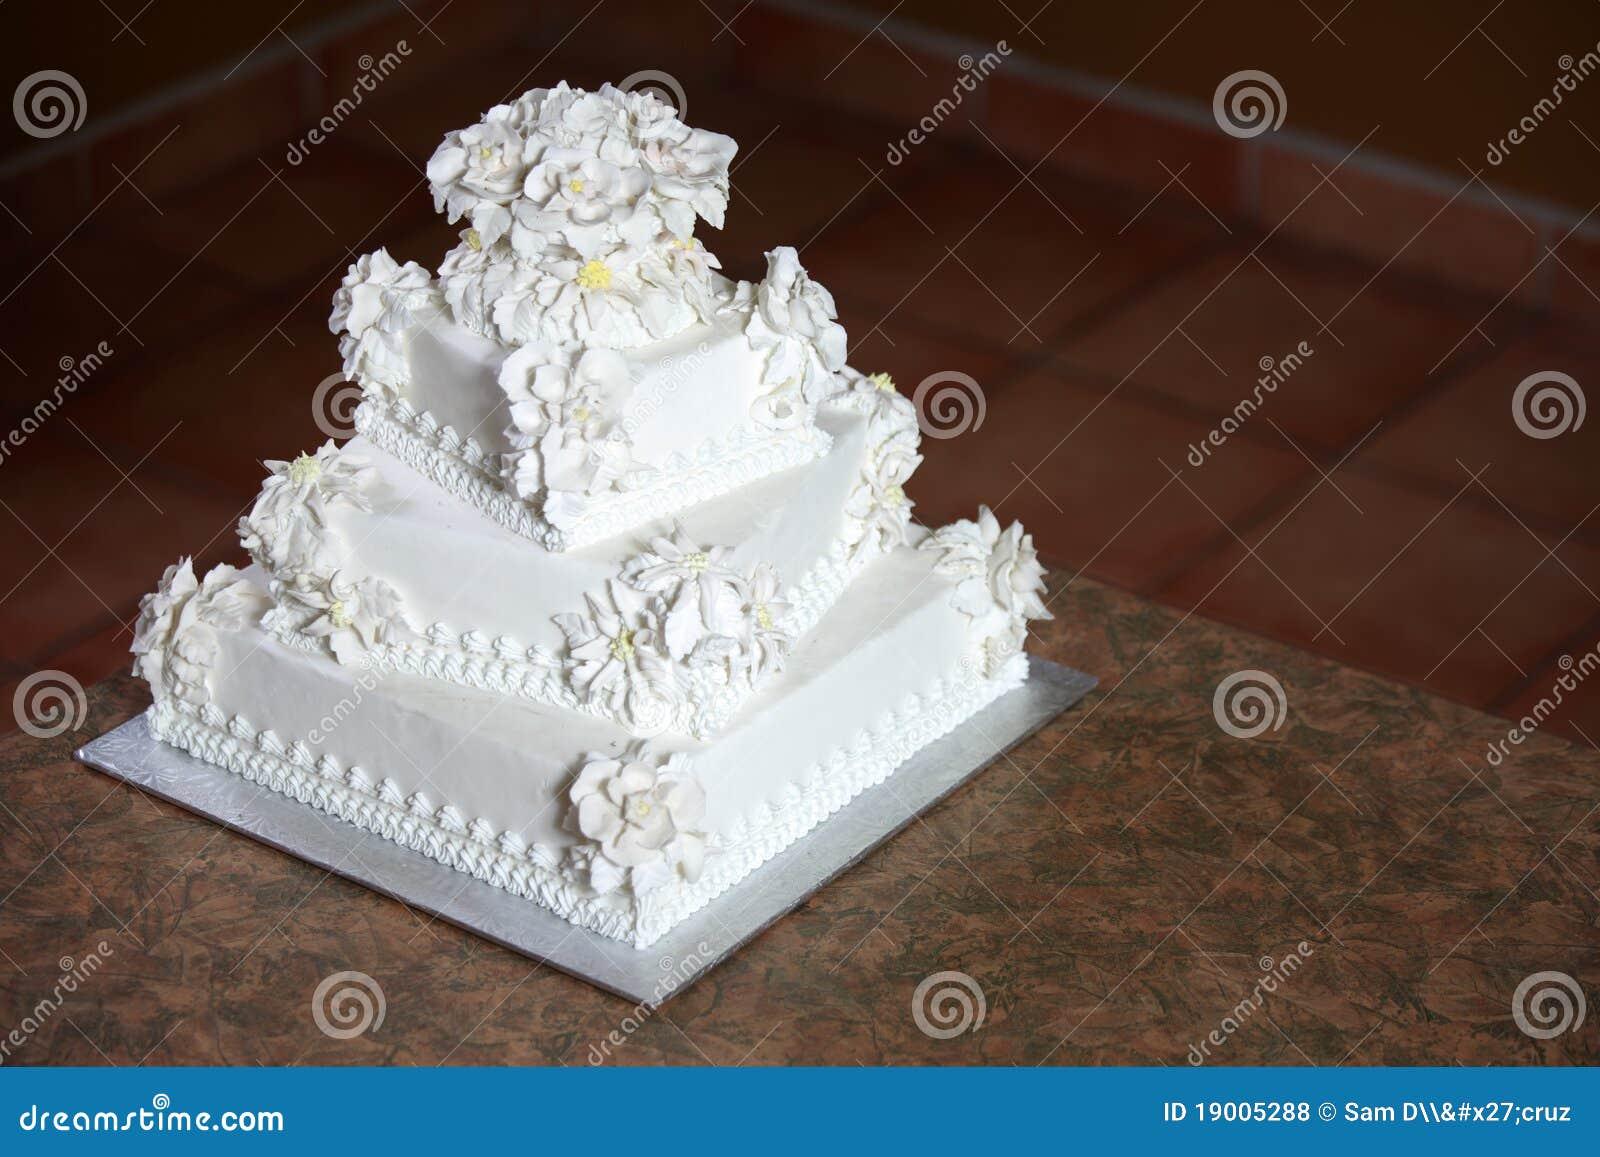 Plus d`images similaires à ` Gâteau de mariage de luxe `